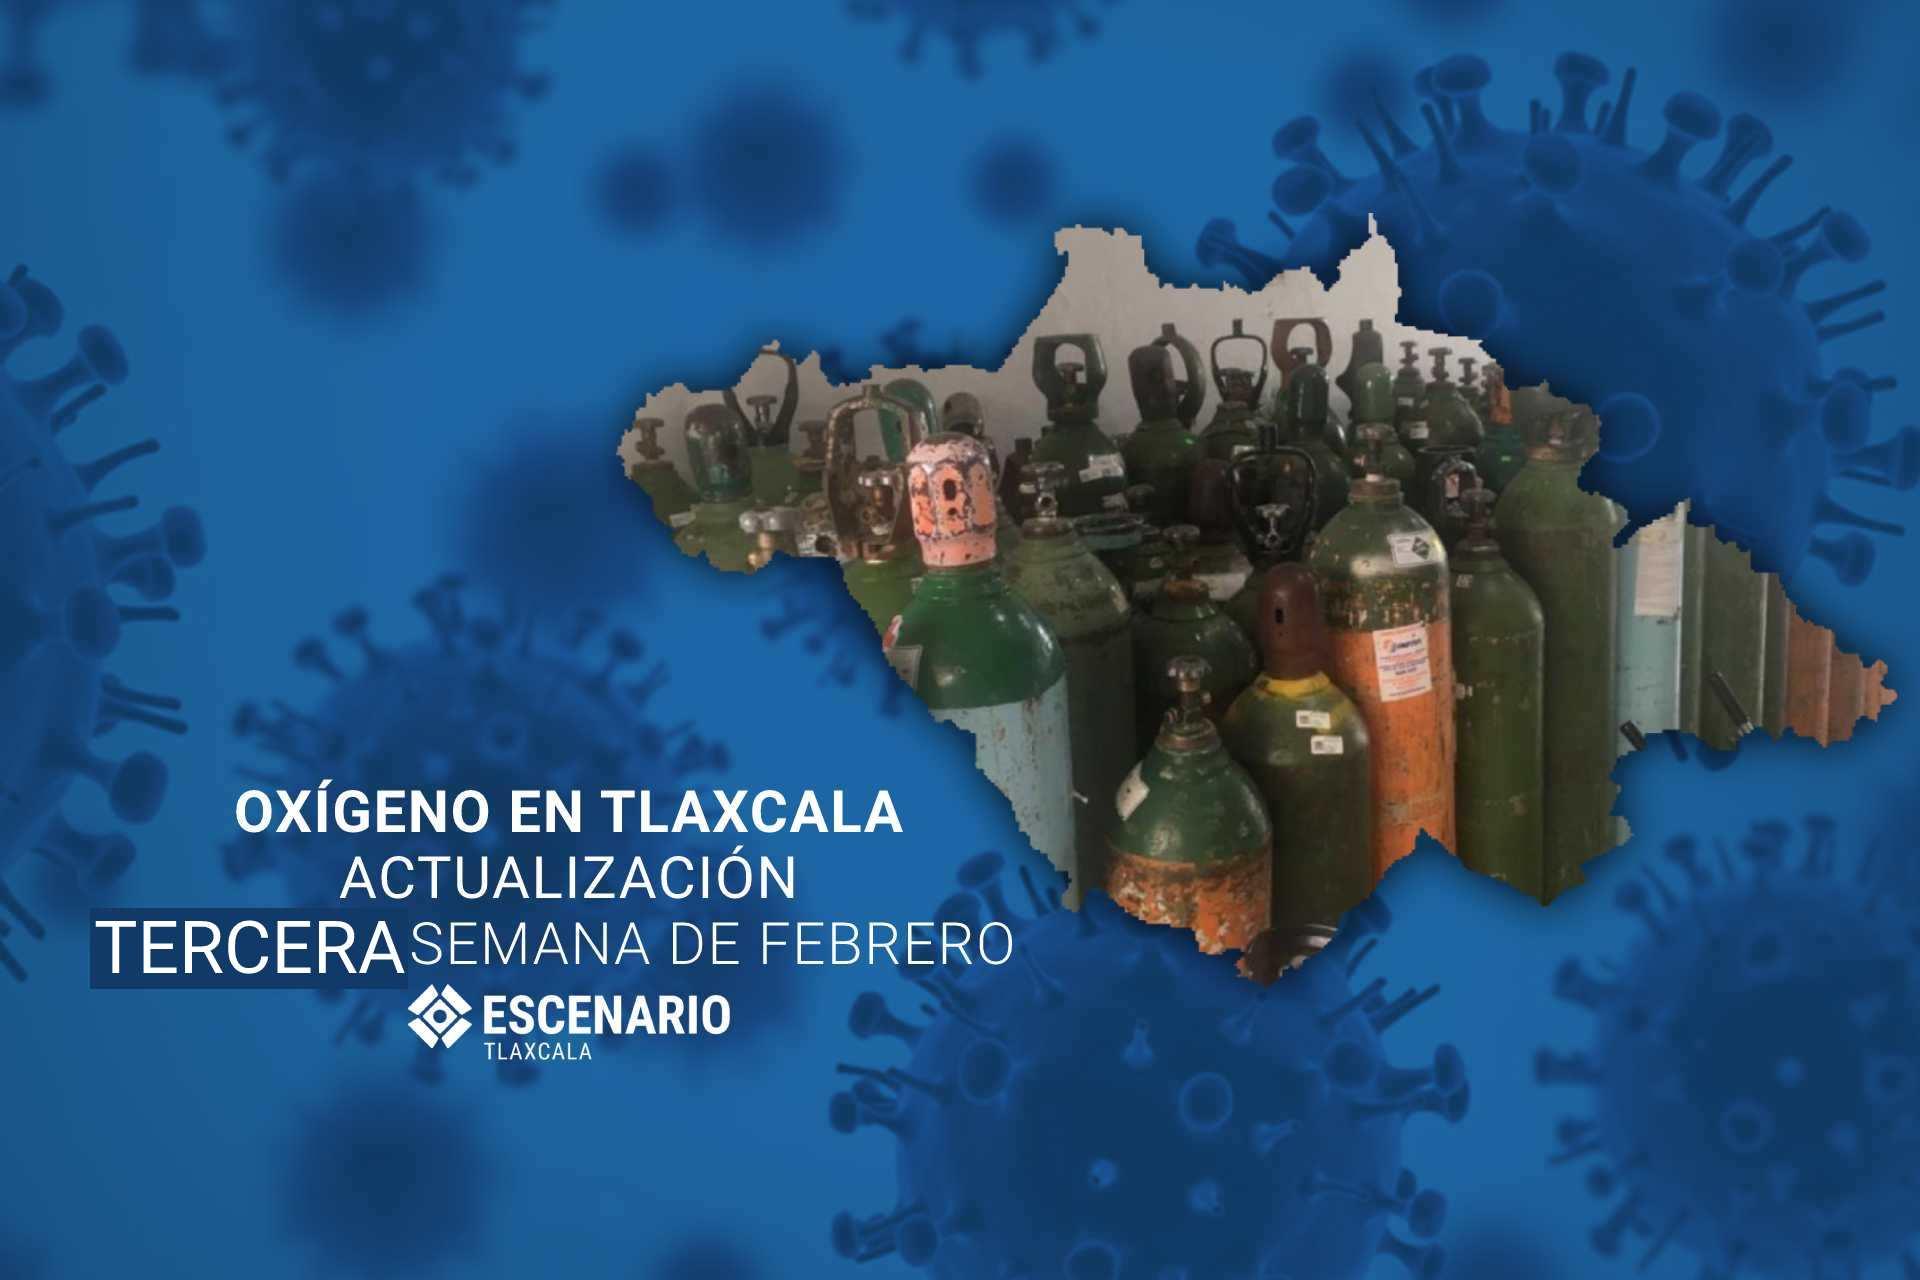 Oxígeno-Tlaxcala-disponibilidad-Covid-19-Coronavirus